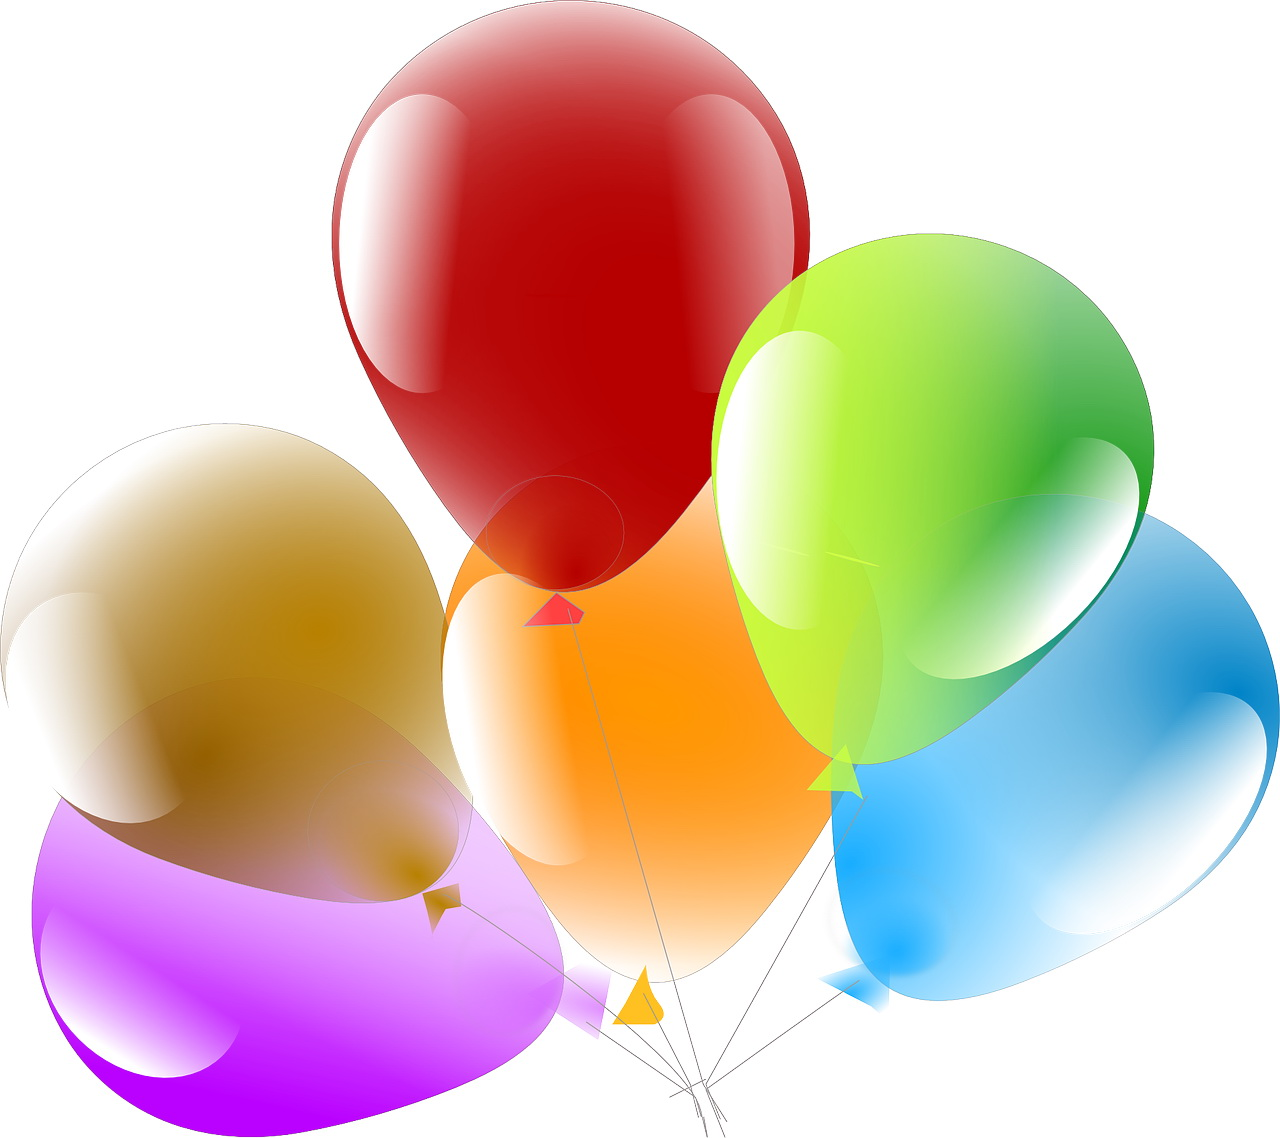 zagadka matematyczna dla dzieci o balonach